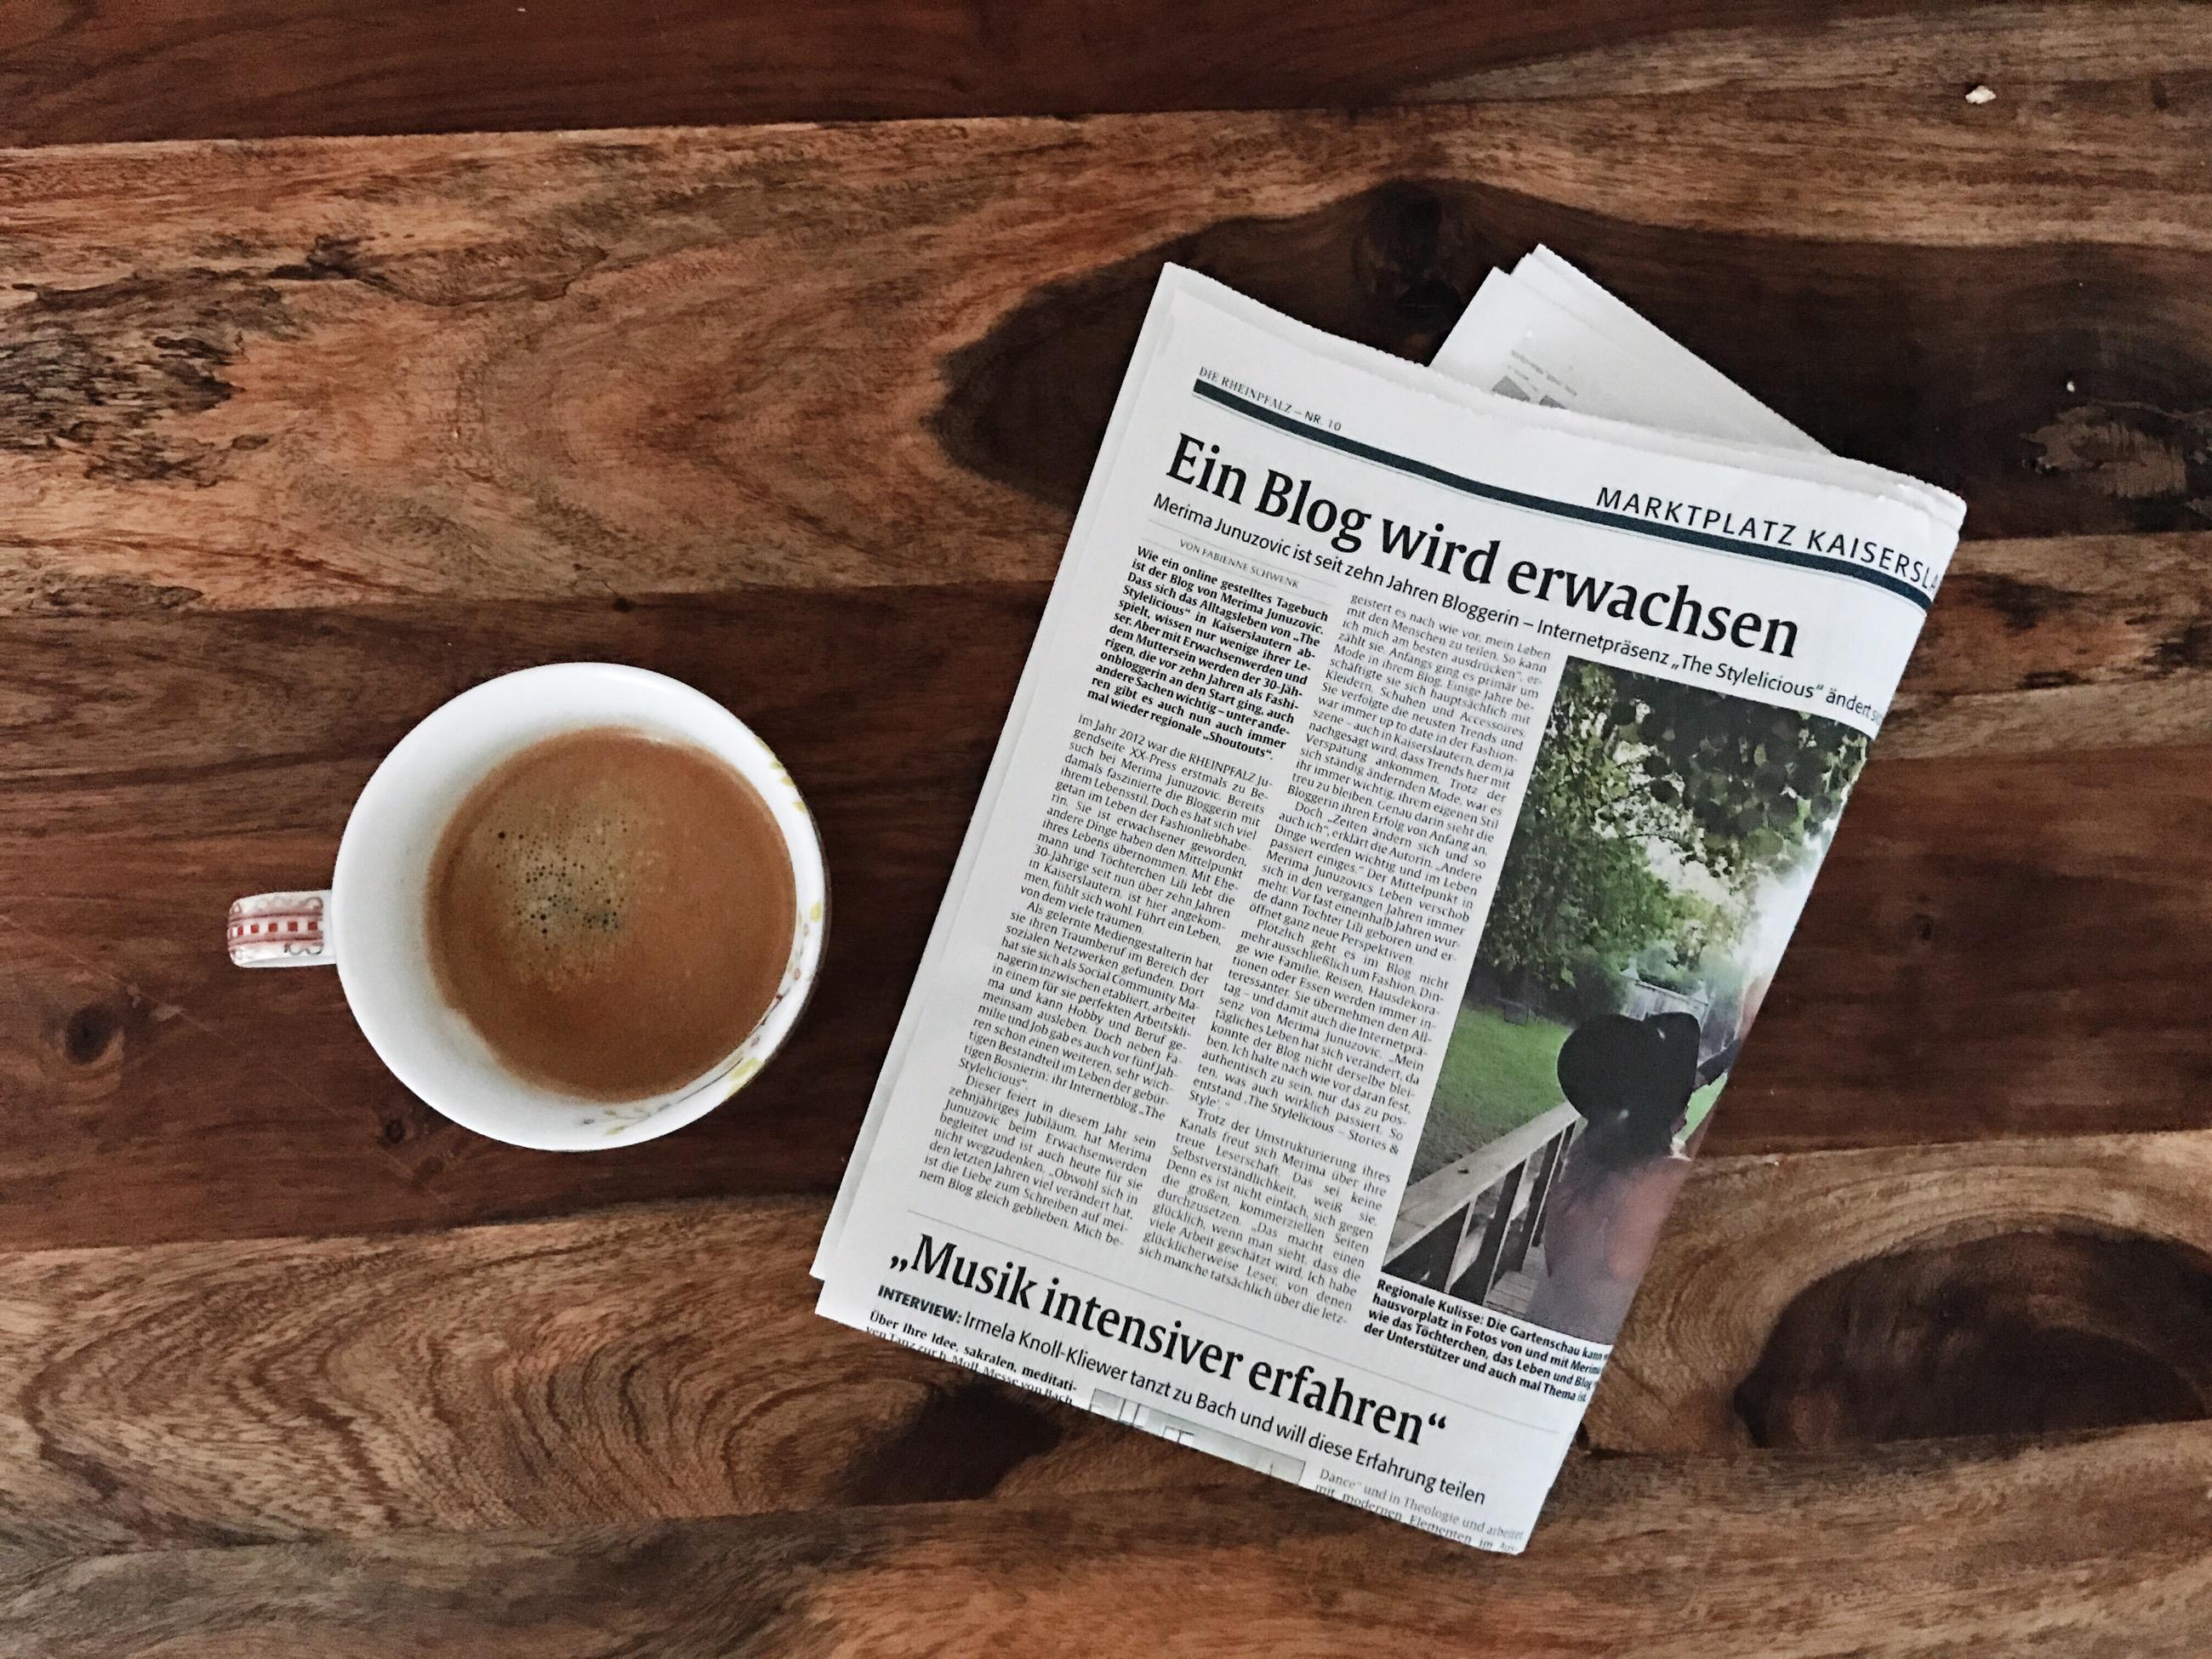 RHEINPFALZ: Ein Blog wird erwachsen